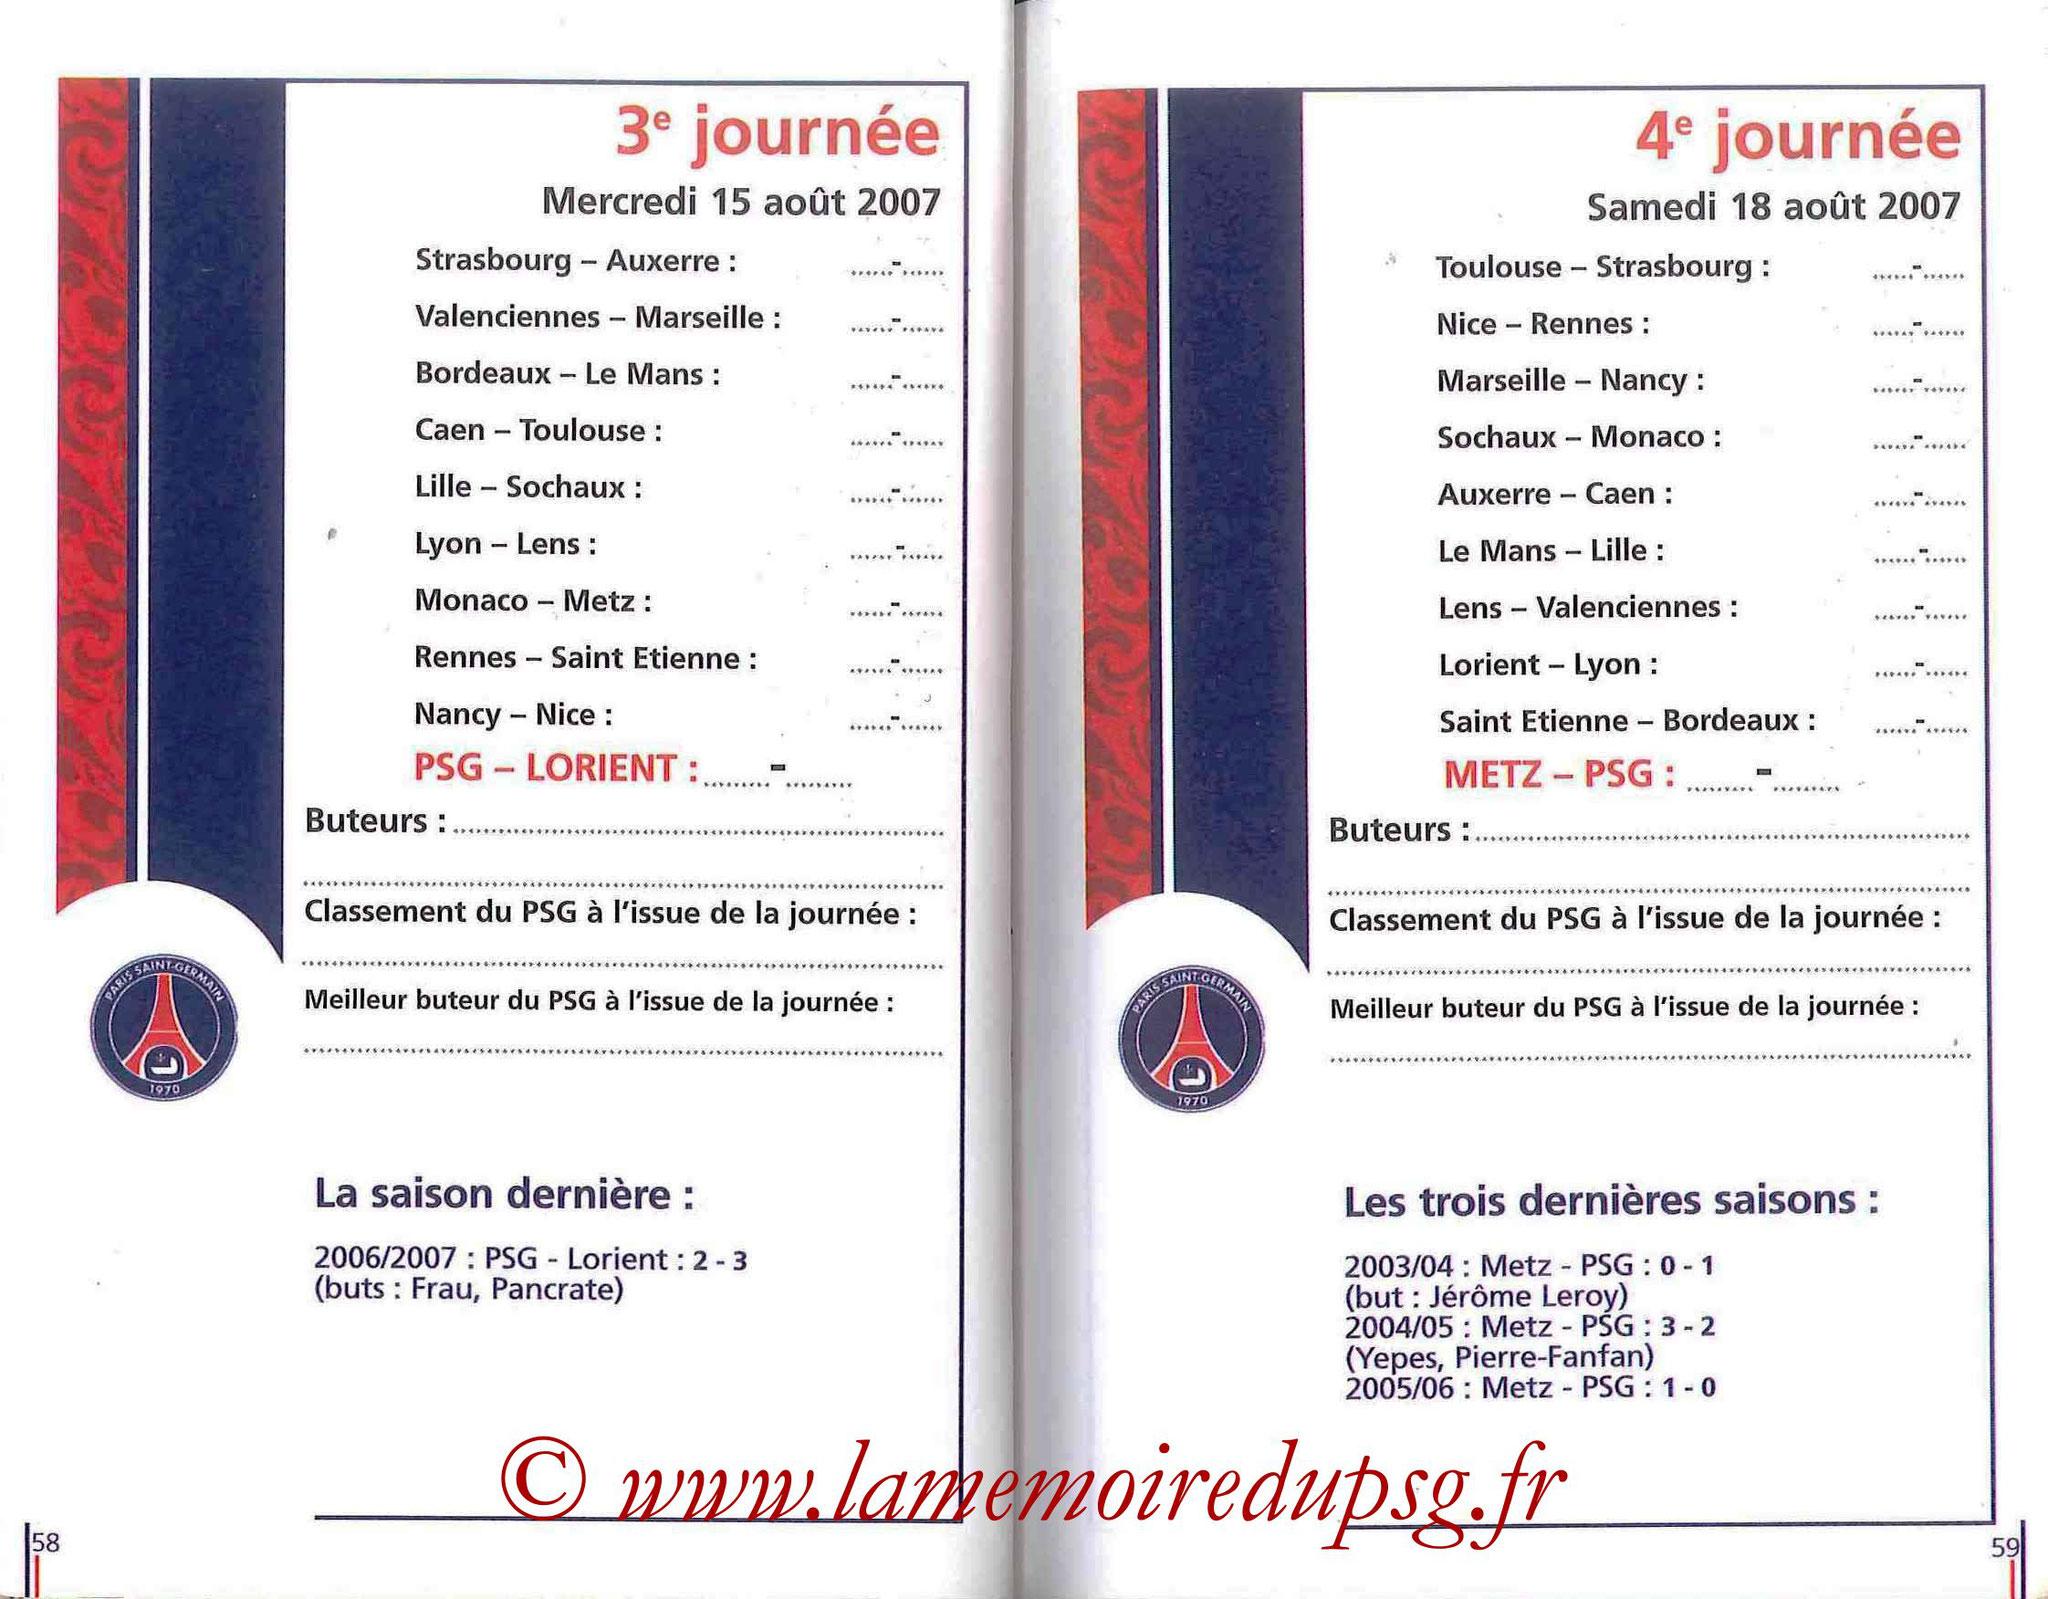 2007-08 - Guide de la Saison PSG - Pages 58 et 59